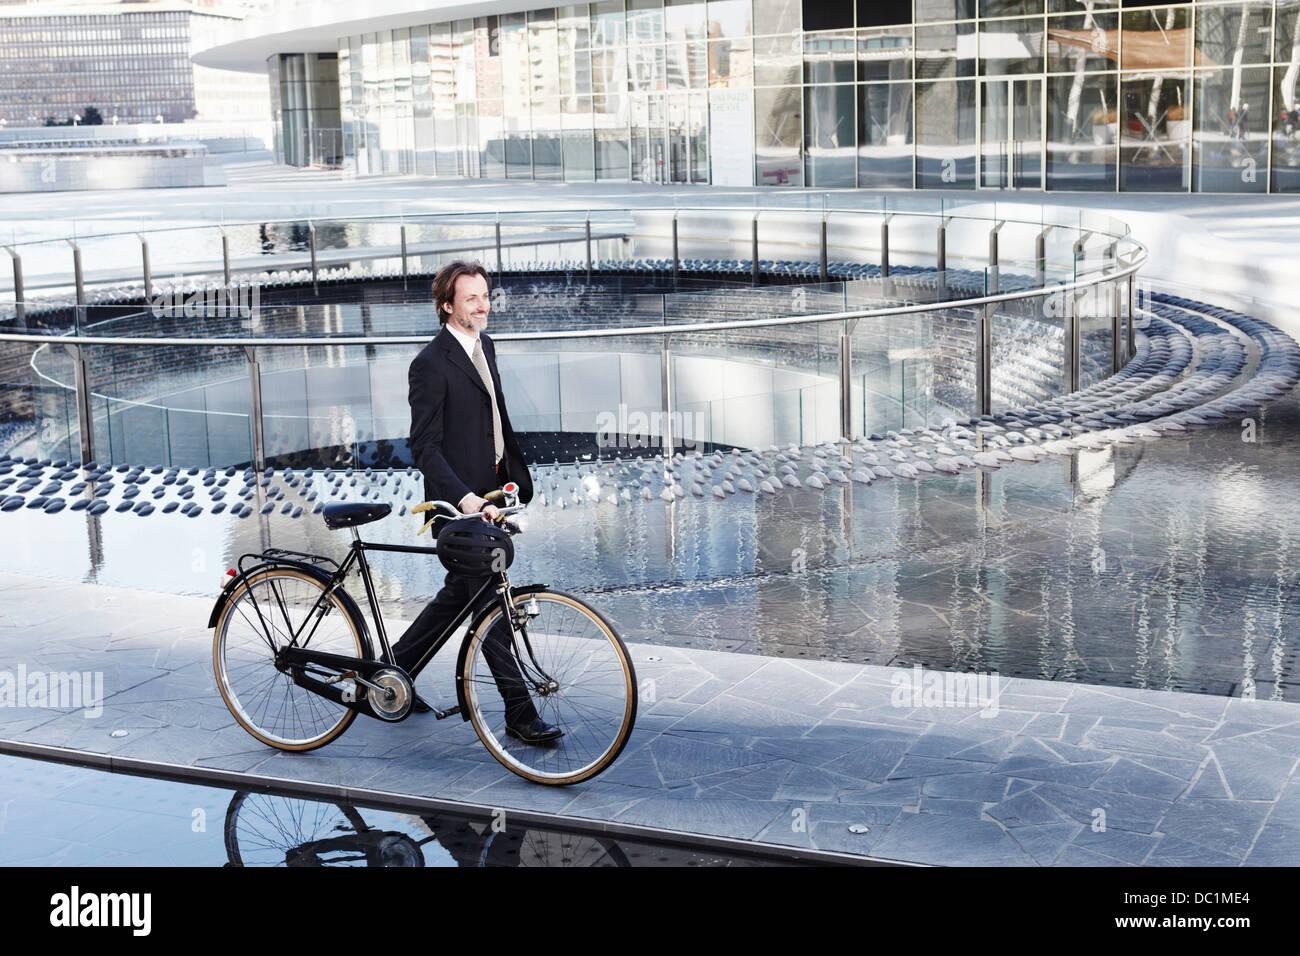 Adulto medio imprenditore camminando con la bicicletta da acqua caratteristica in città Immagini Stock